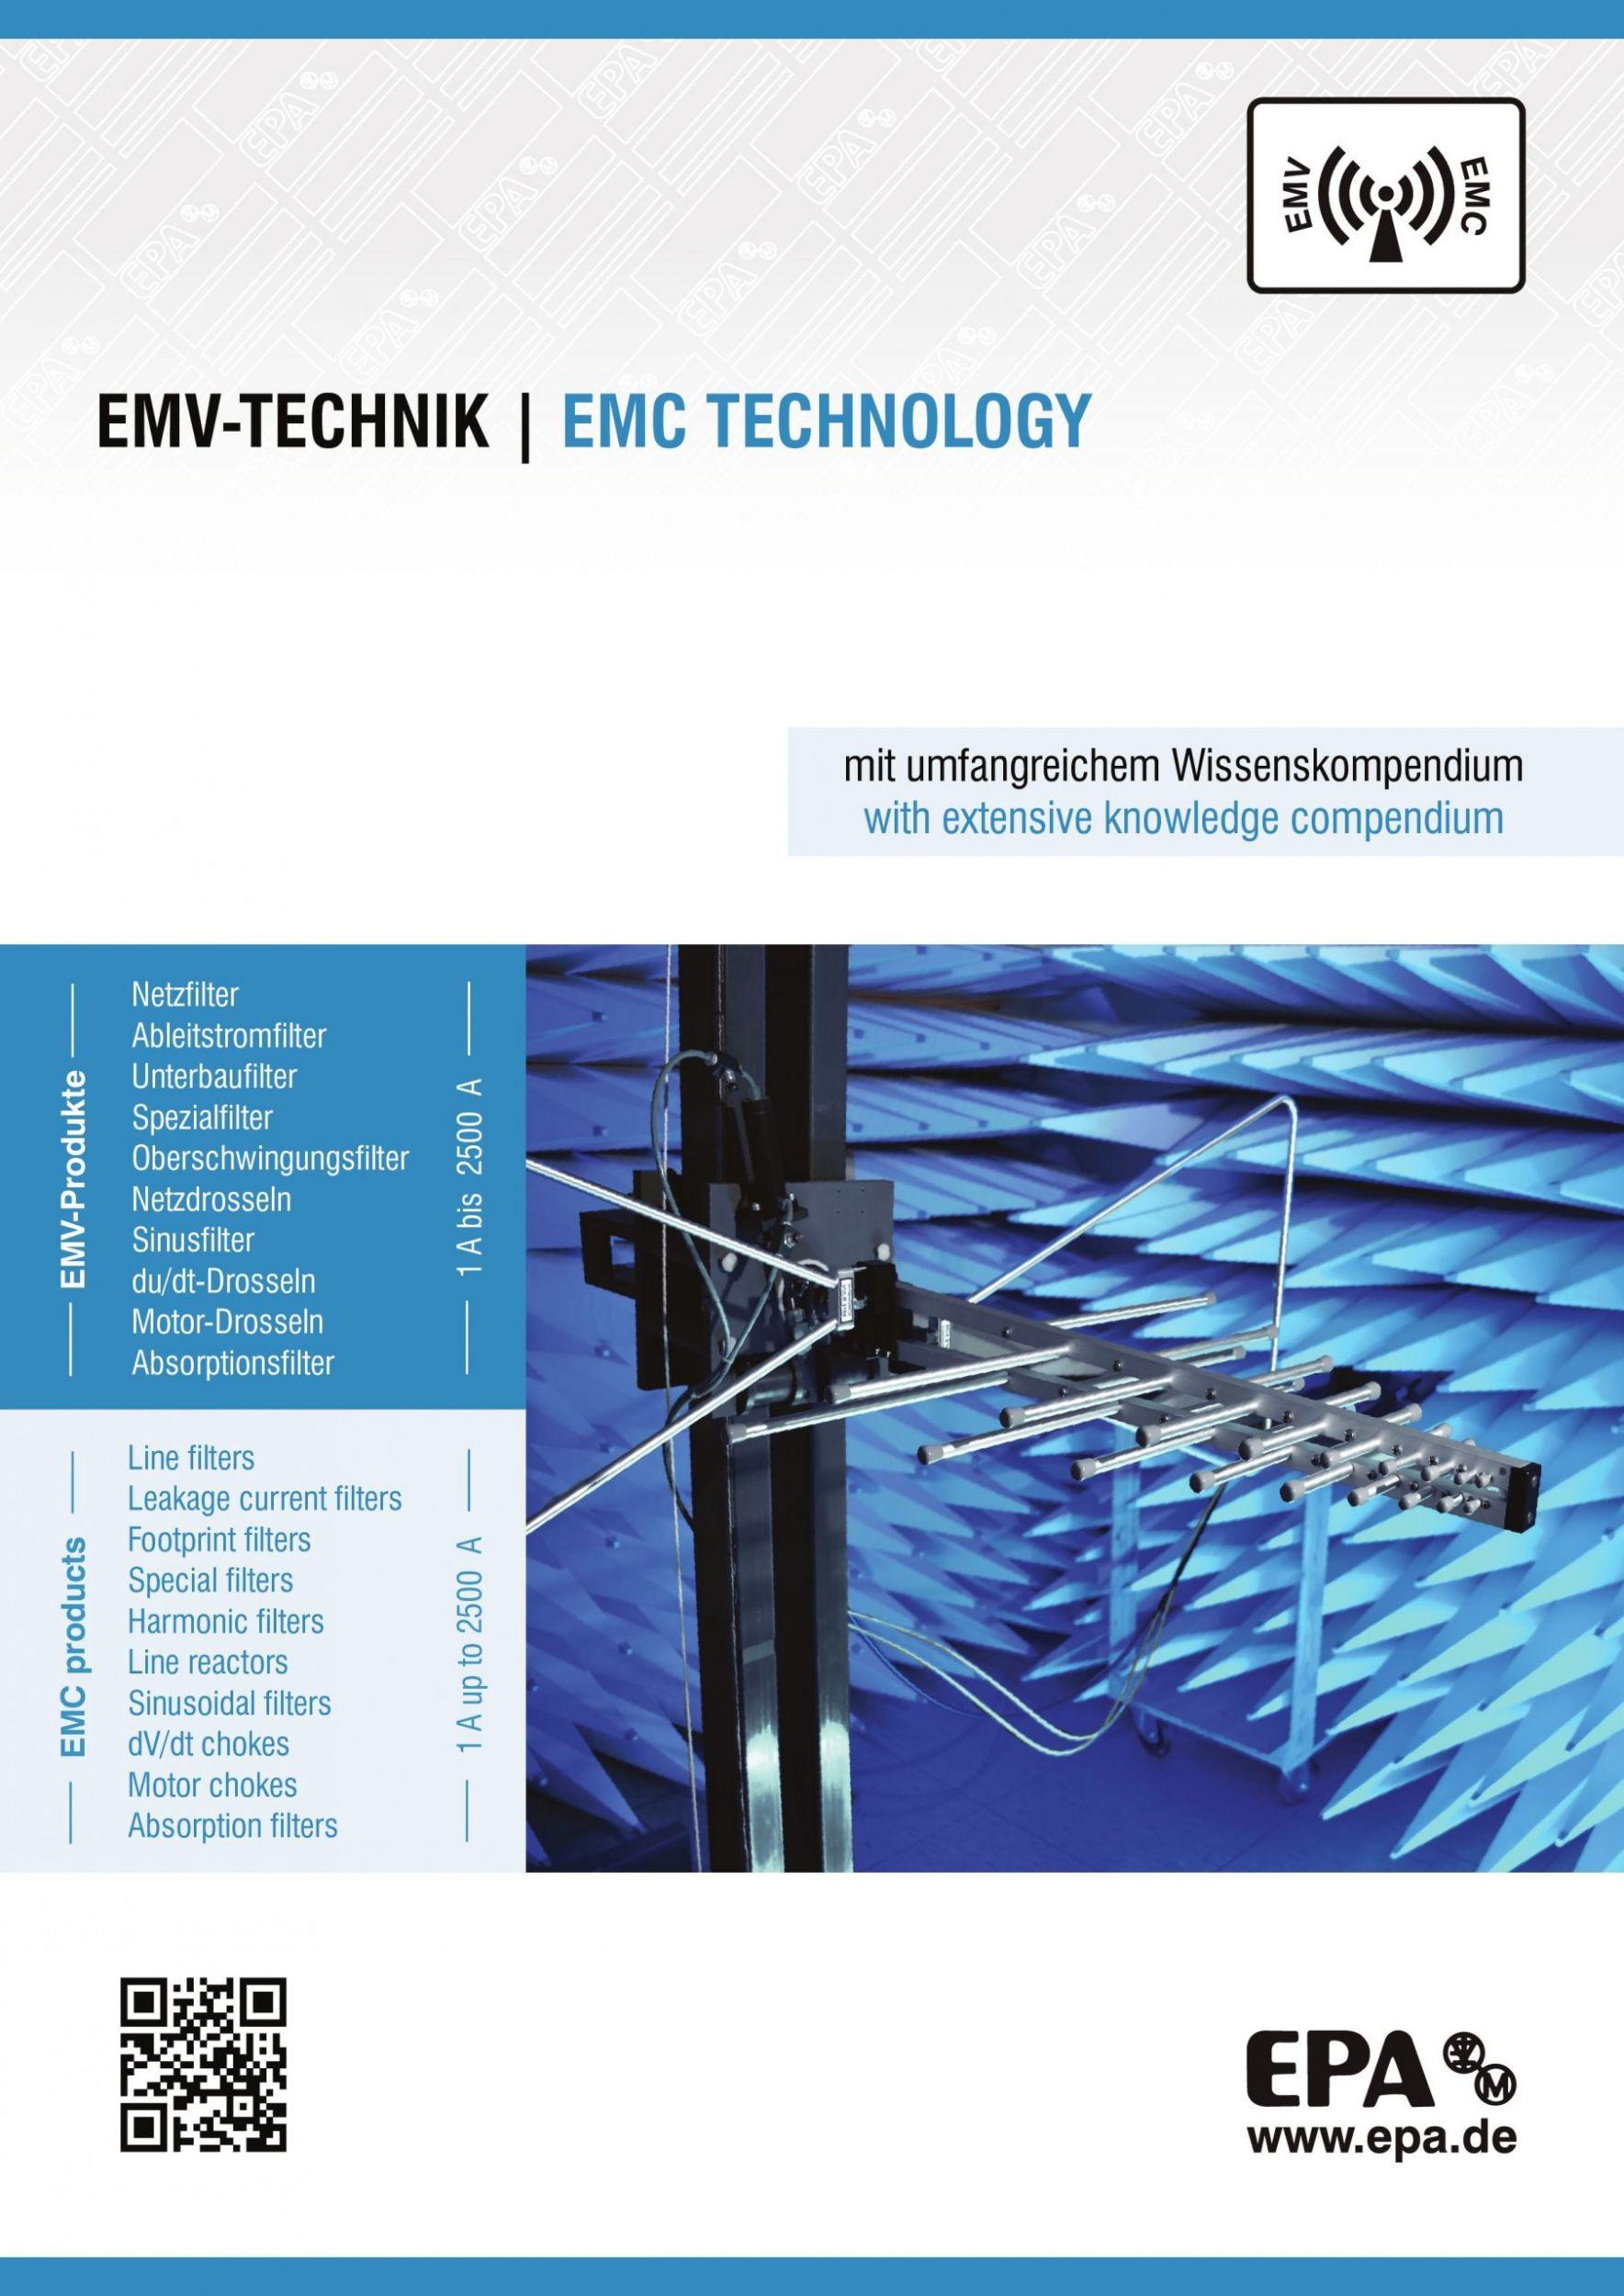 Wissenskompendium und EMV-Katalog in Einem